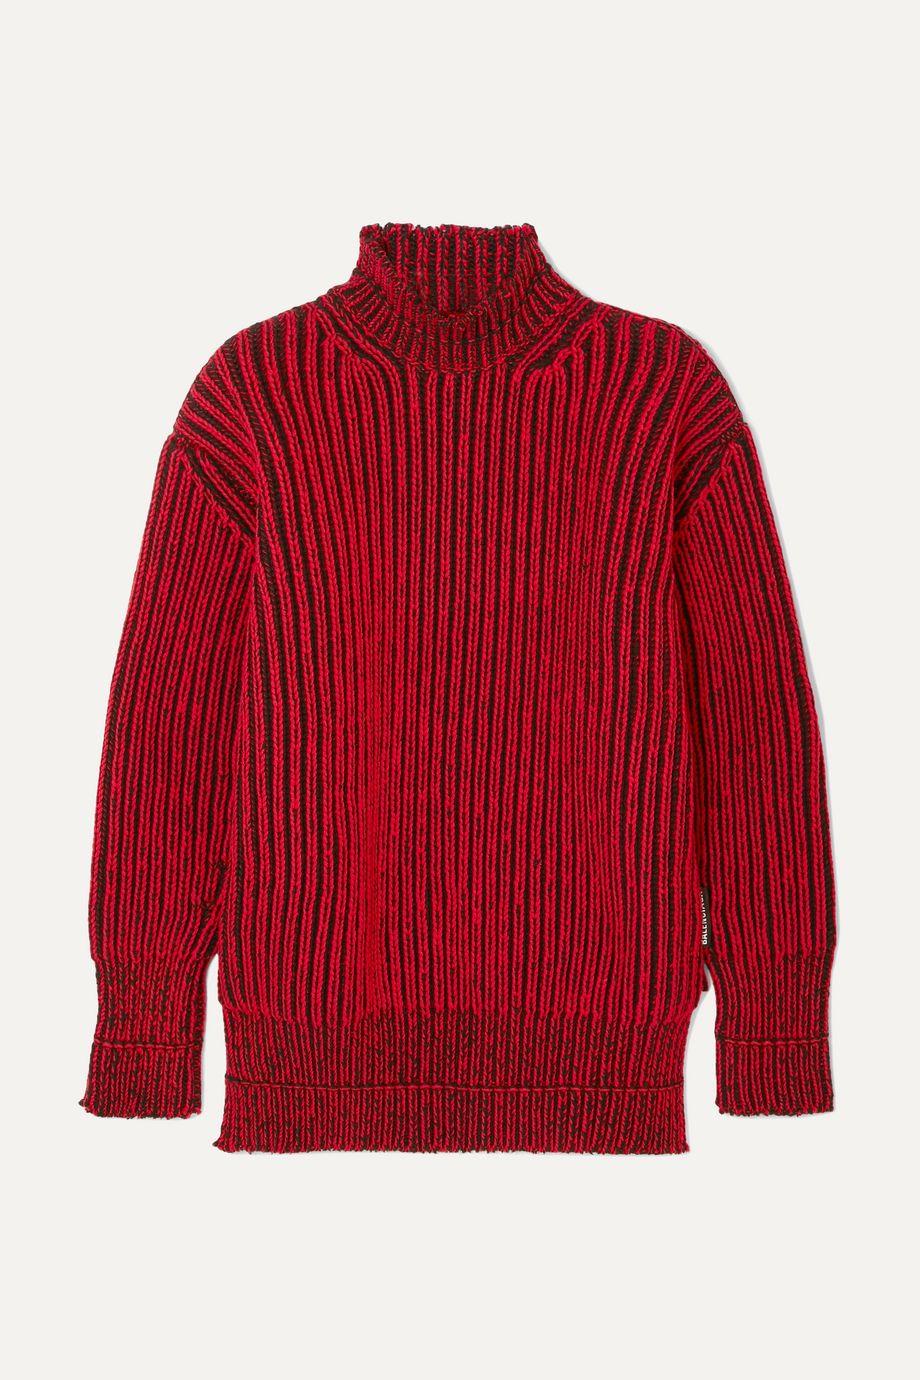 Balenciaga Oversized-Pullover aus gerippter Wolle mit Stehkragen